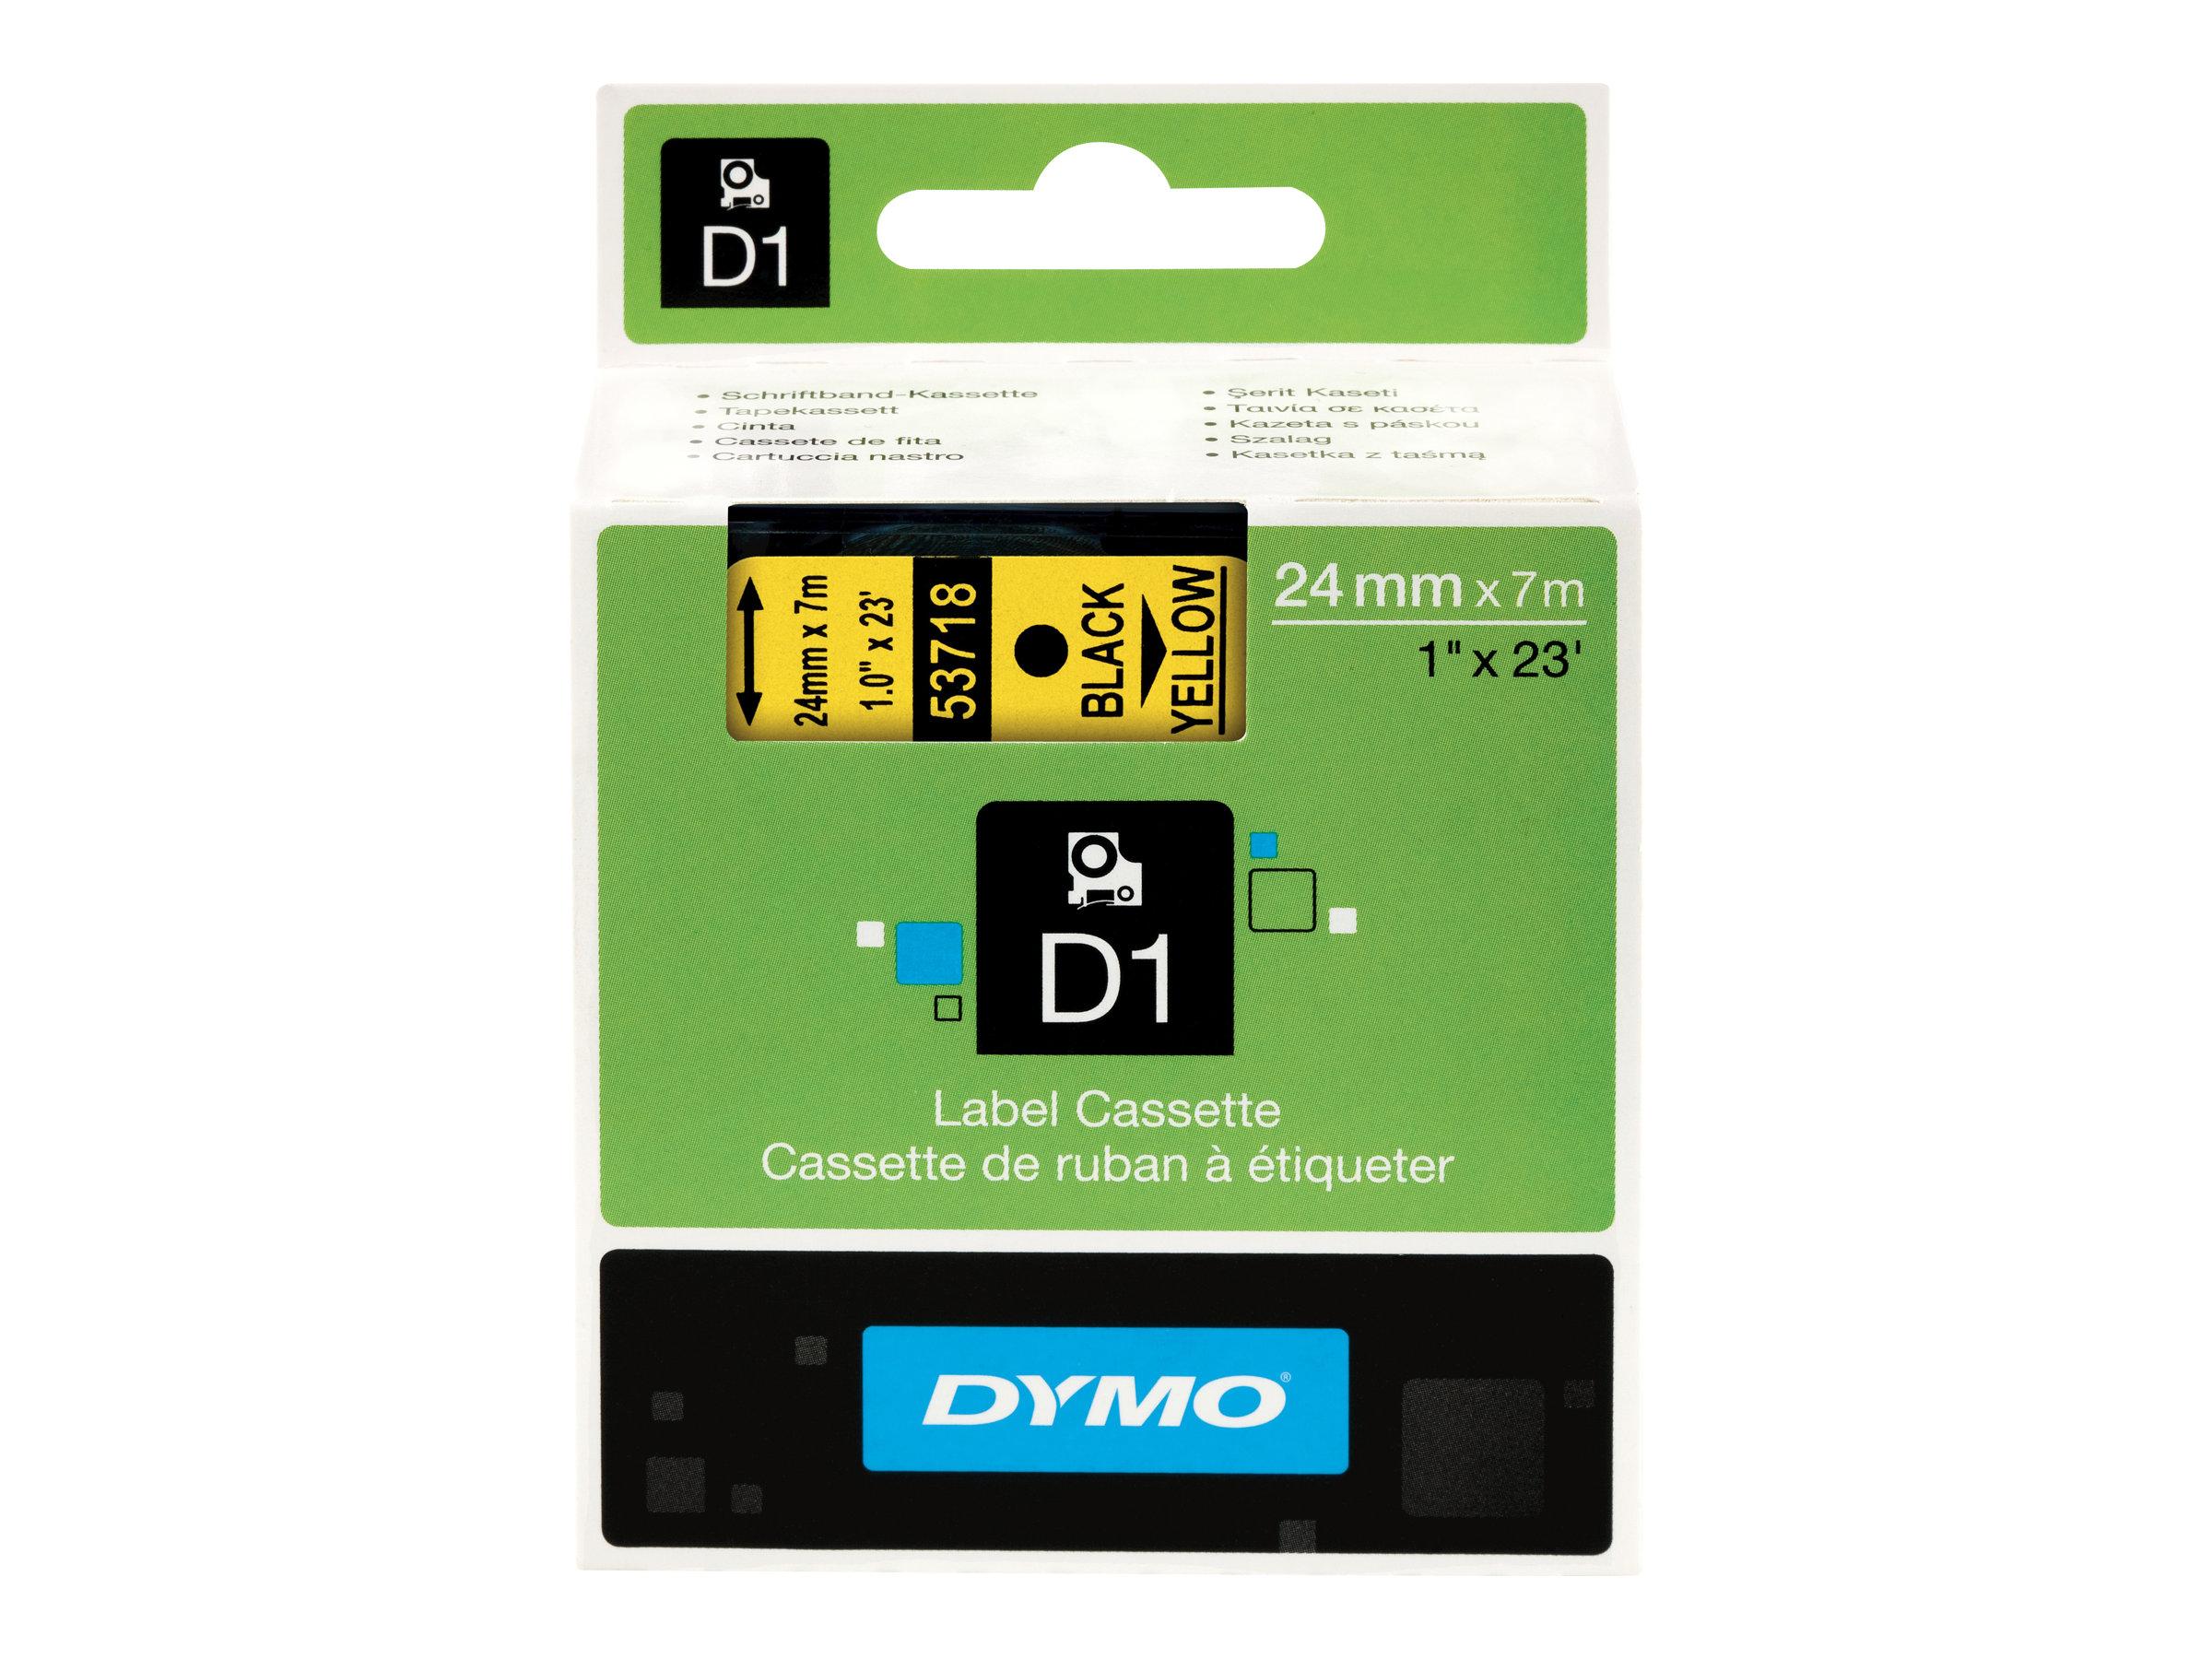 DYMO D1 - Selbstklebend - Schwarz auf Gelb - Rolle (2,4 cm x 7 m) 1 Rolle(n) Etikettenband - für LabelMANAGER 500TS, PnP